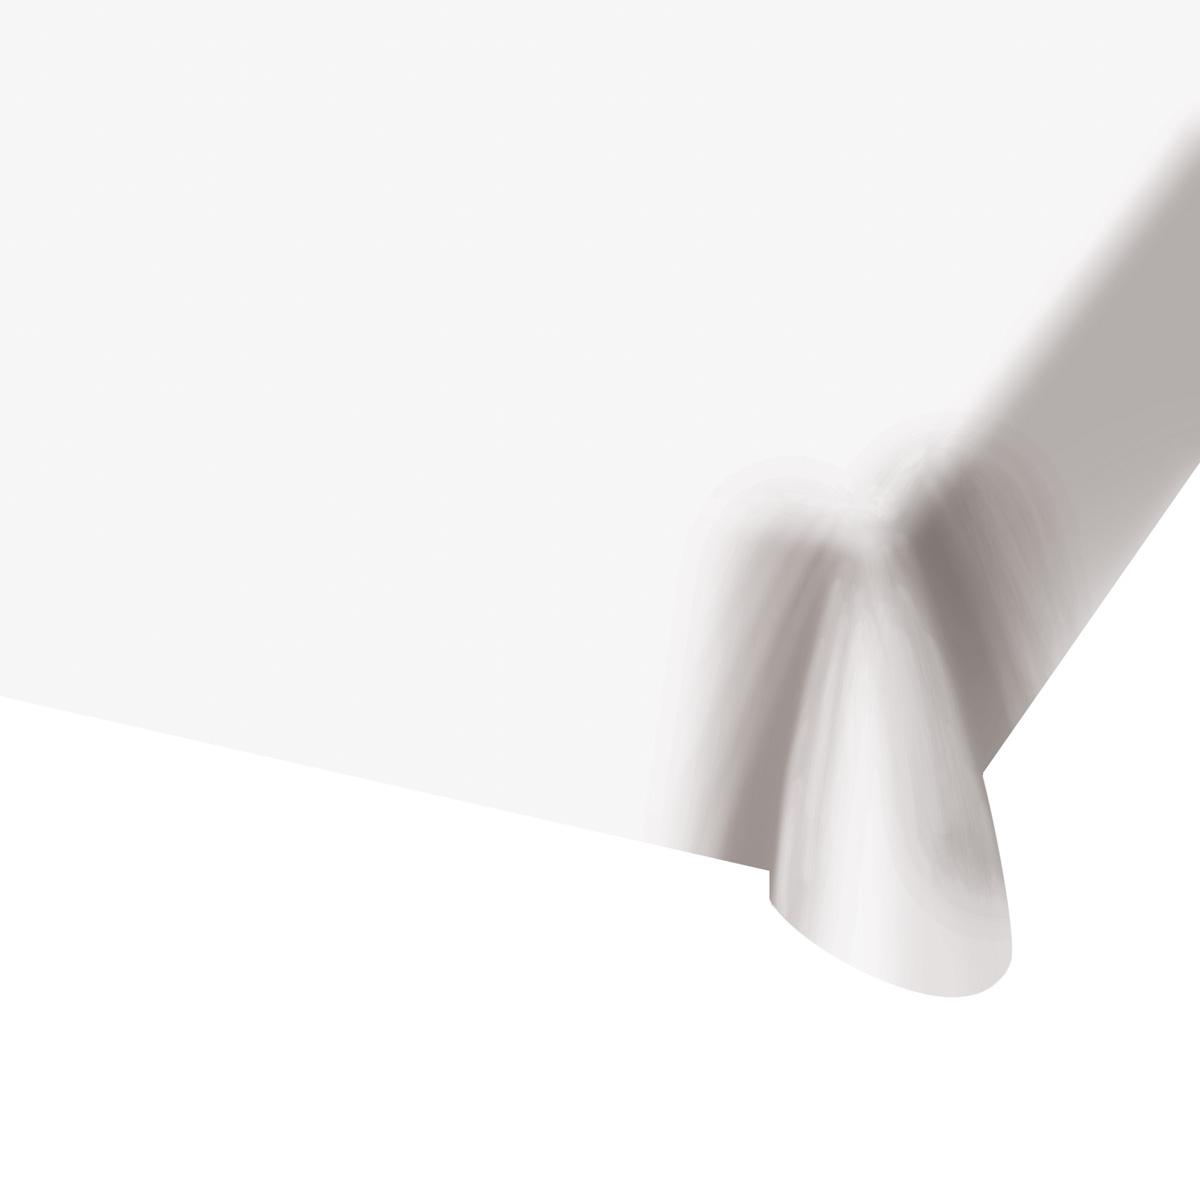 Duk, vit